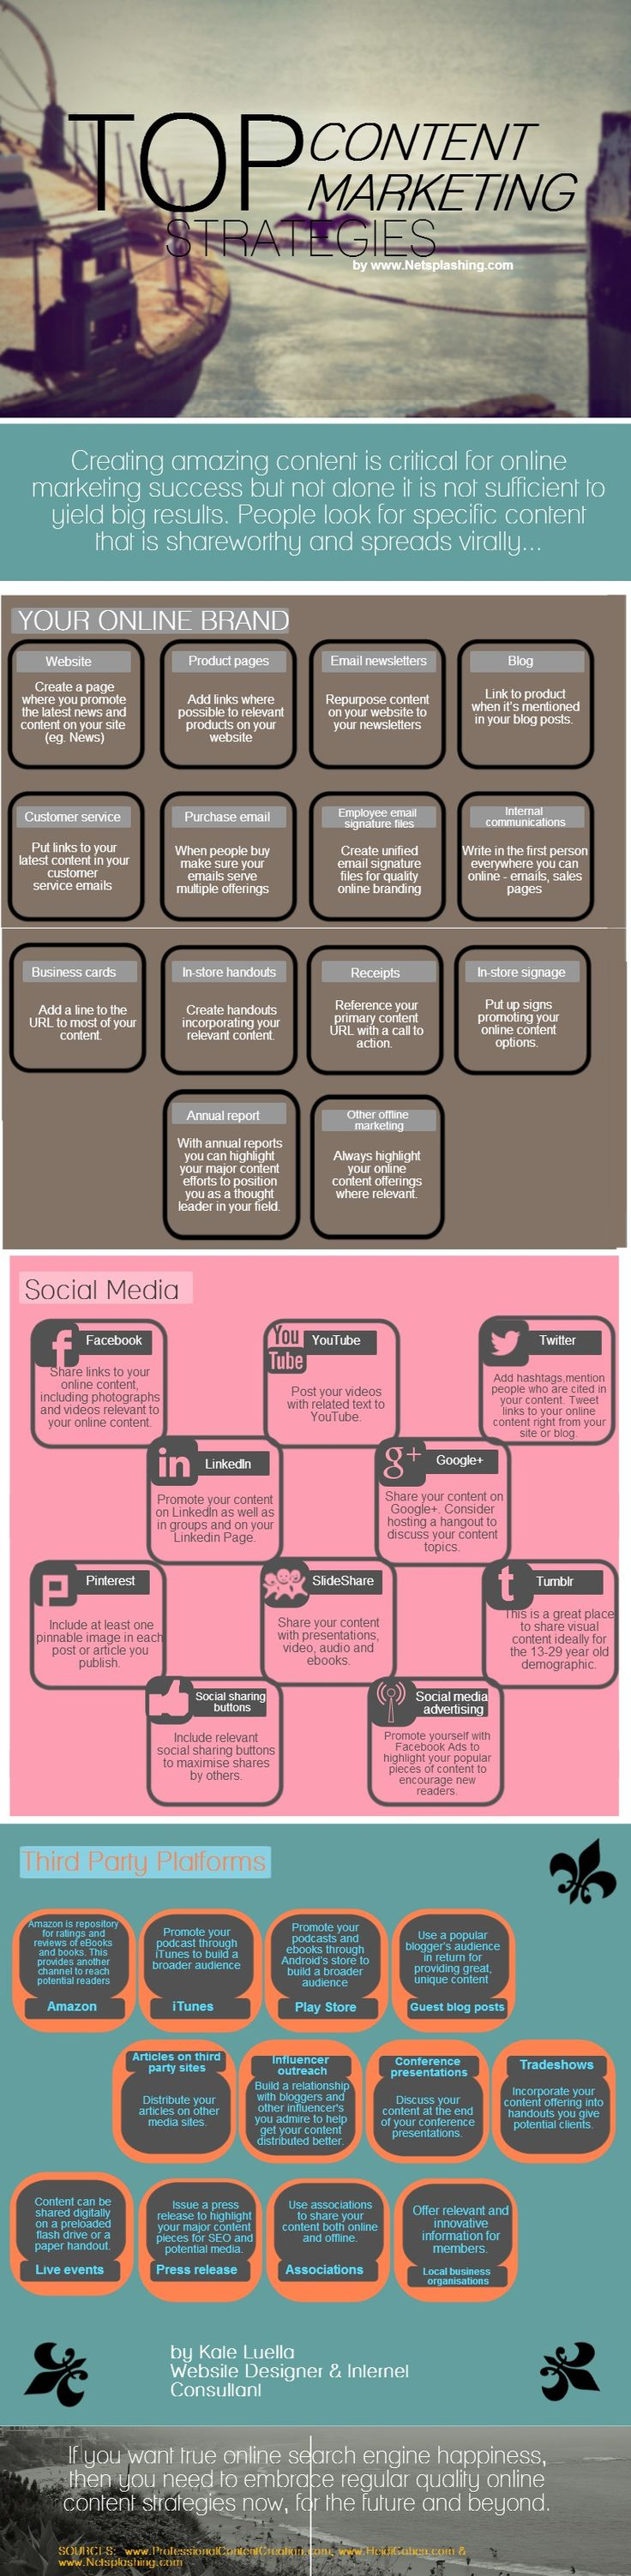 Mejores estrategias de marketing de contenidos